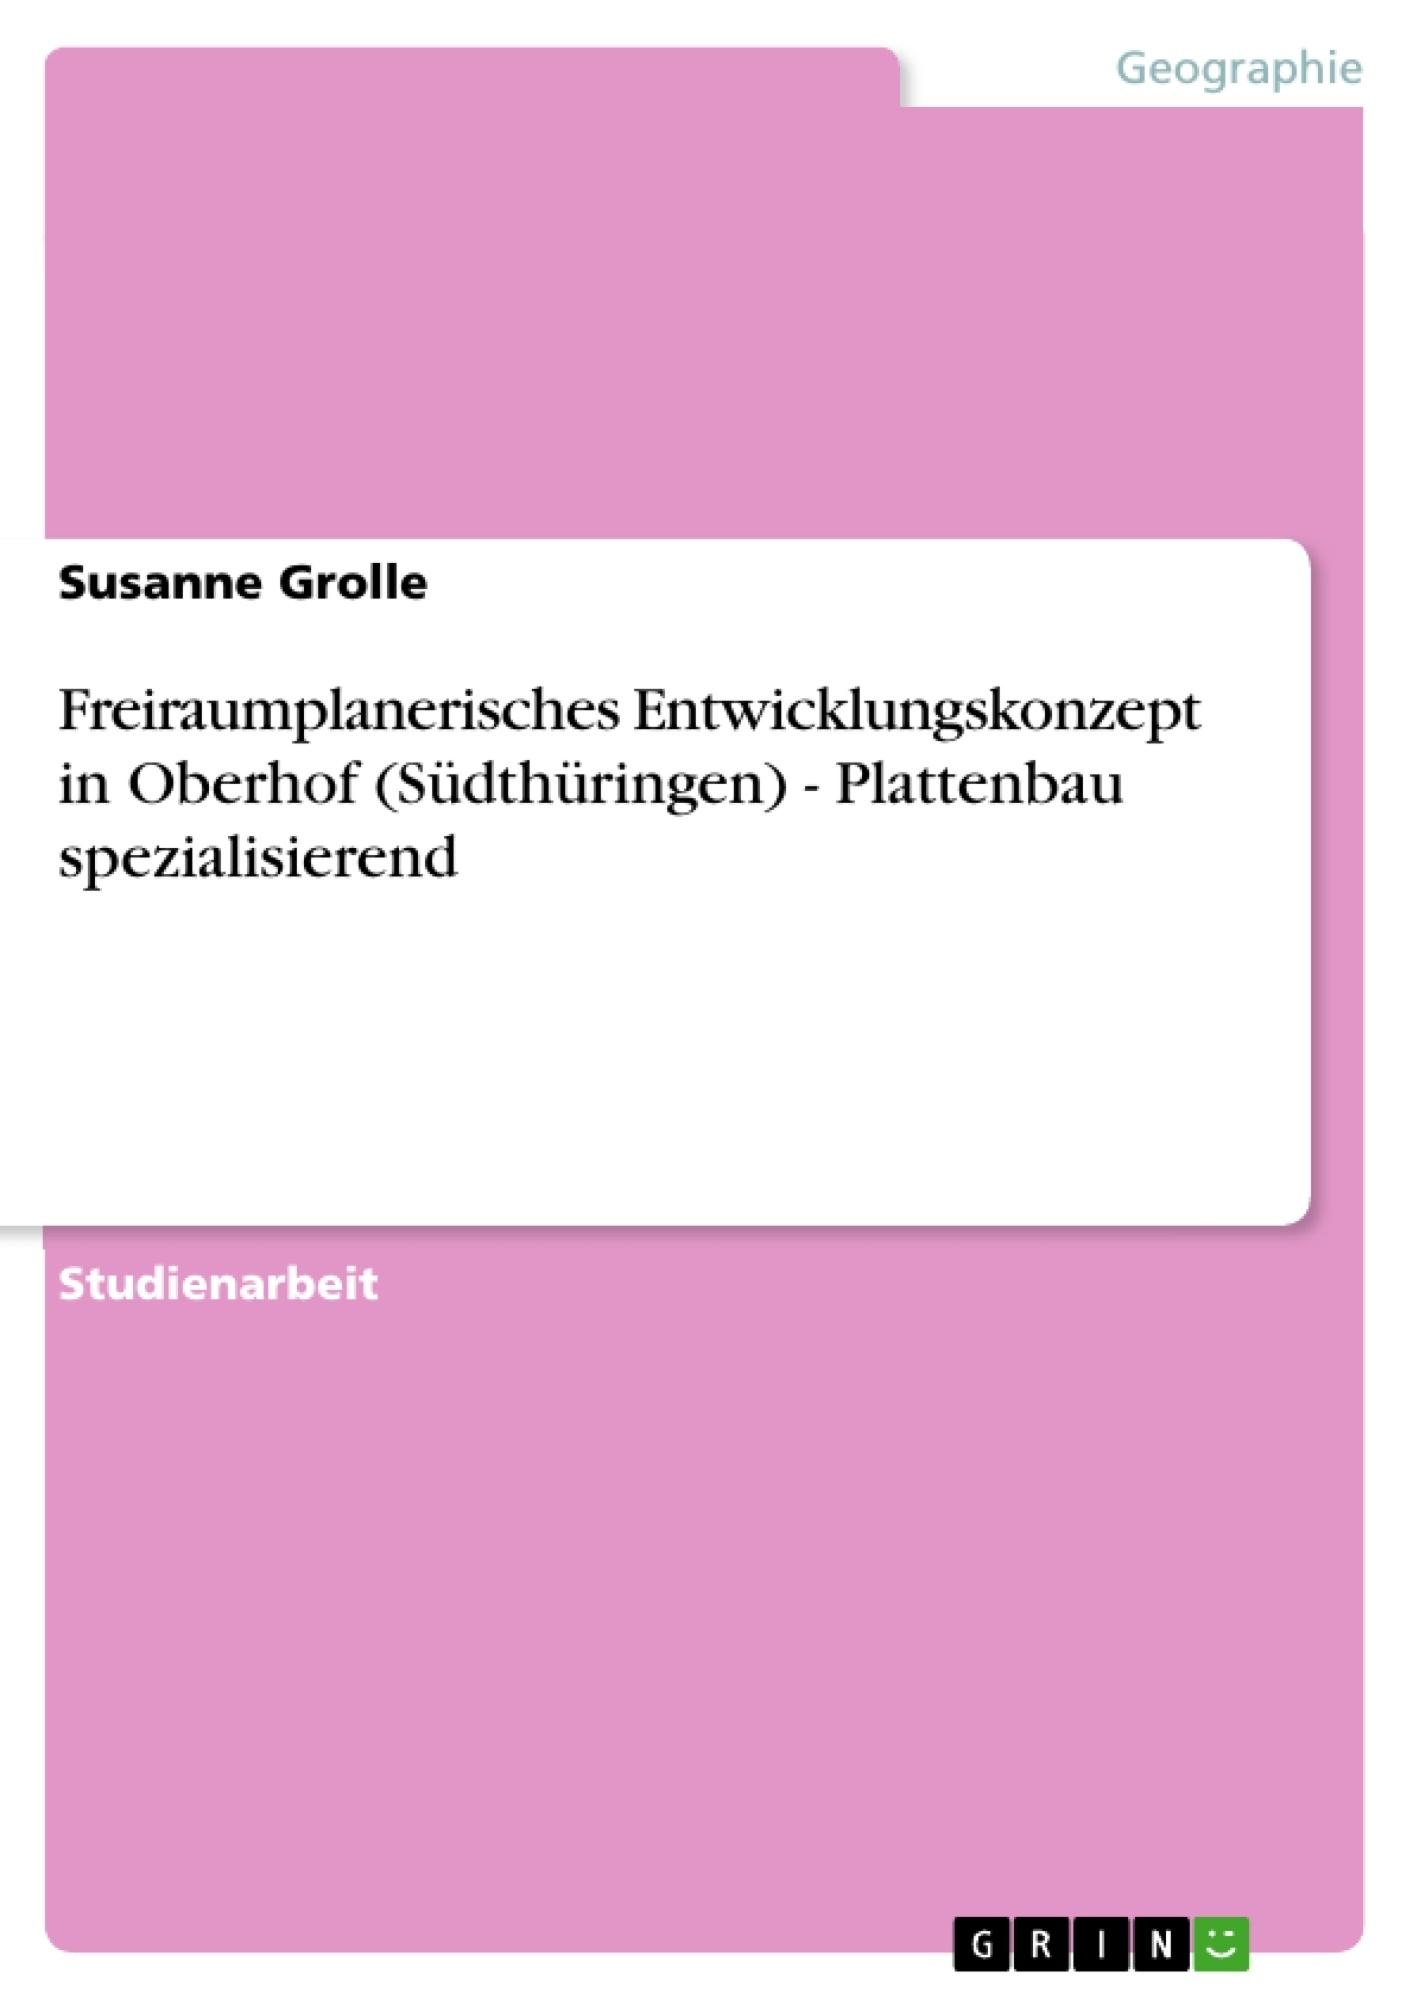 Titel: Freiraumplanerisches Entwicklungskonzept in Oberhof (Südthüringen) - Plattenbau spezialisierend